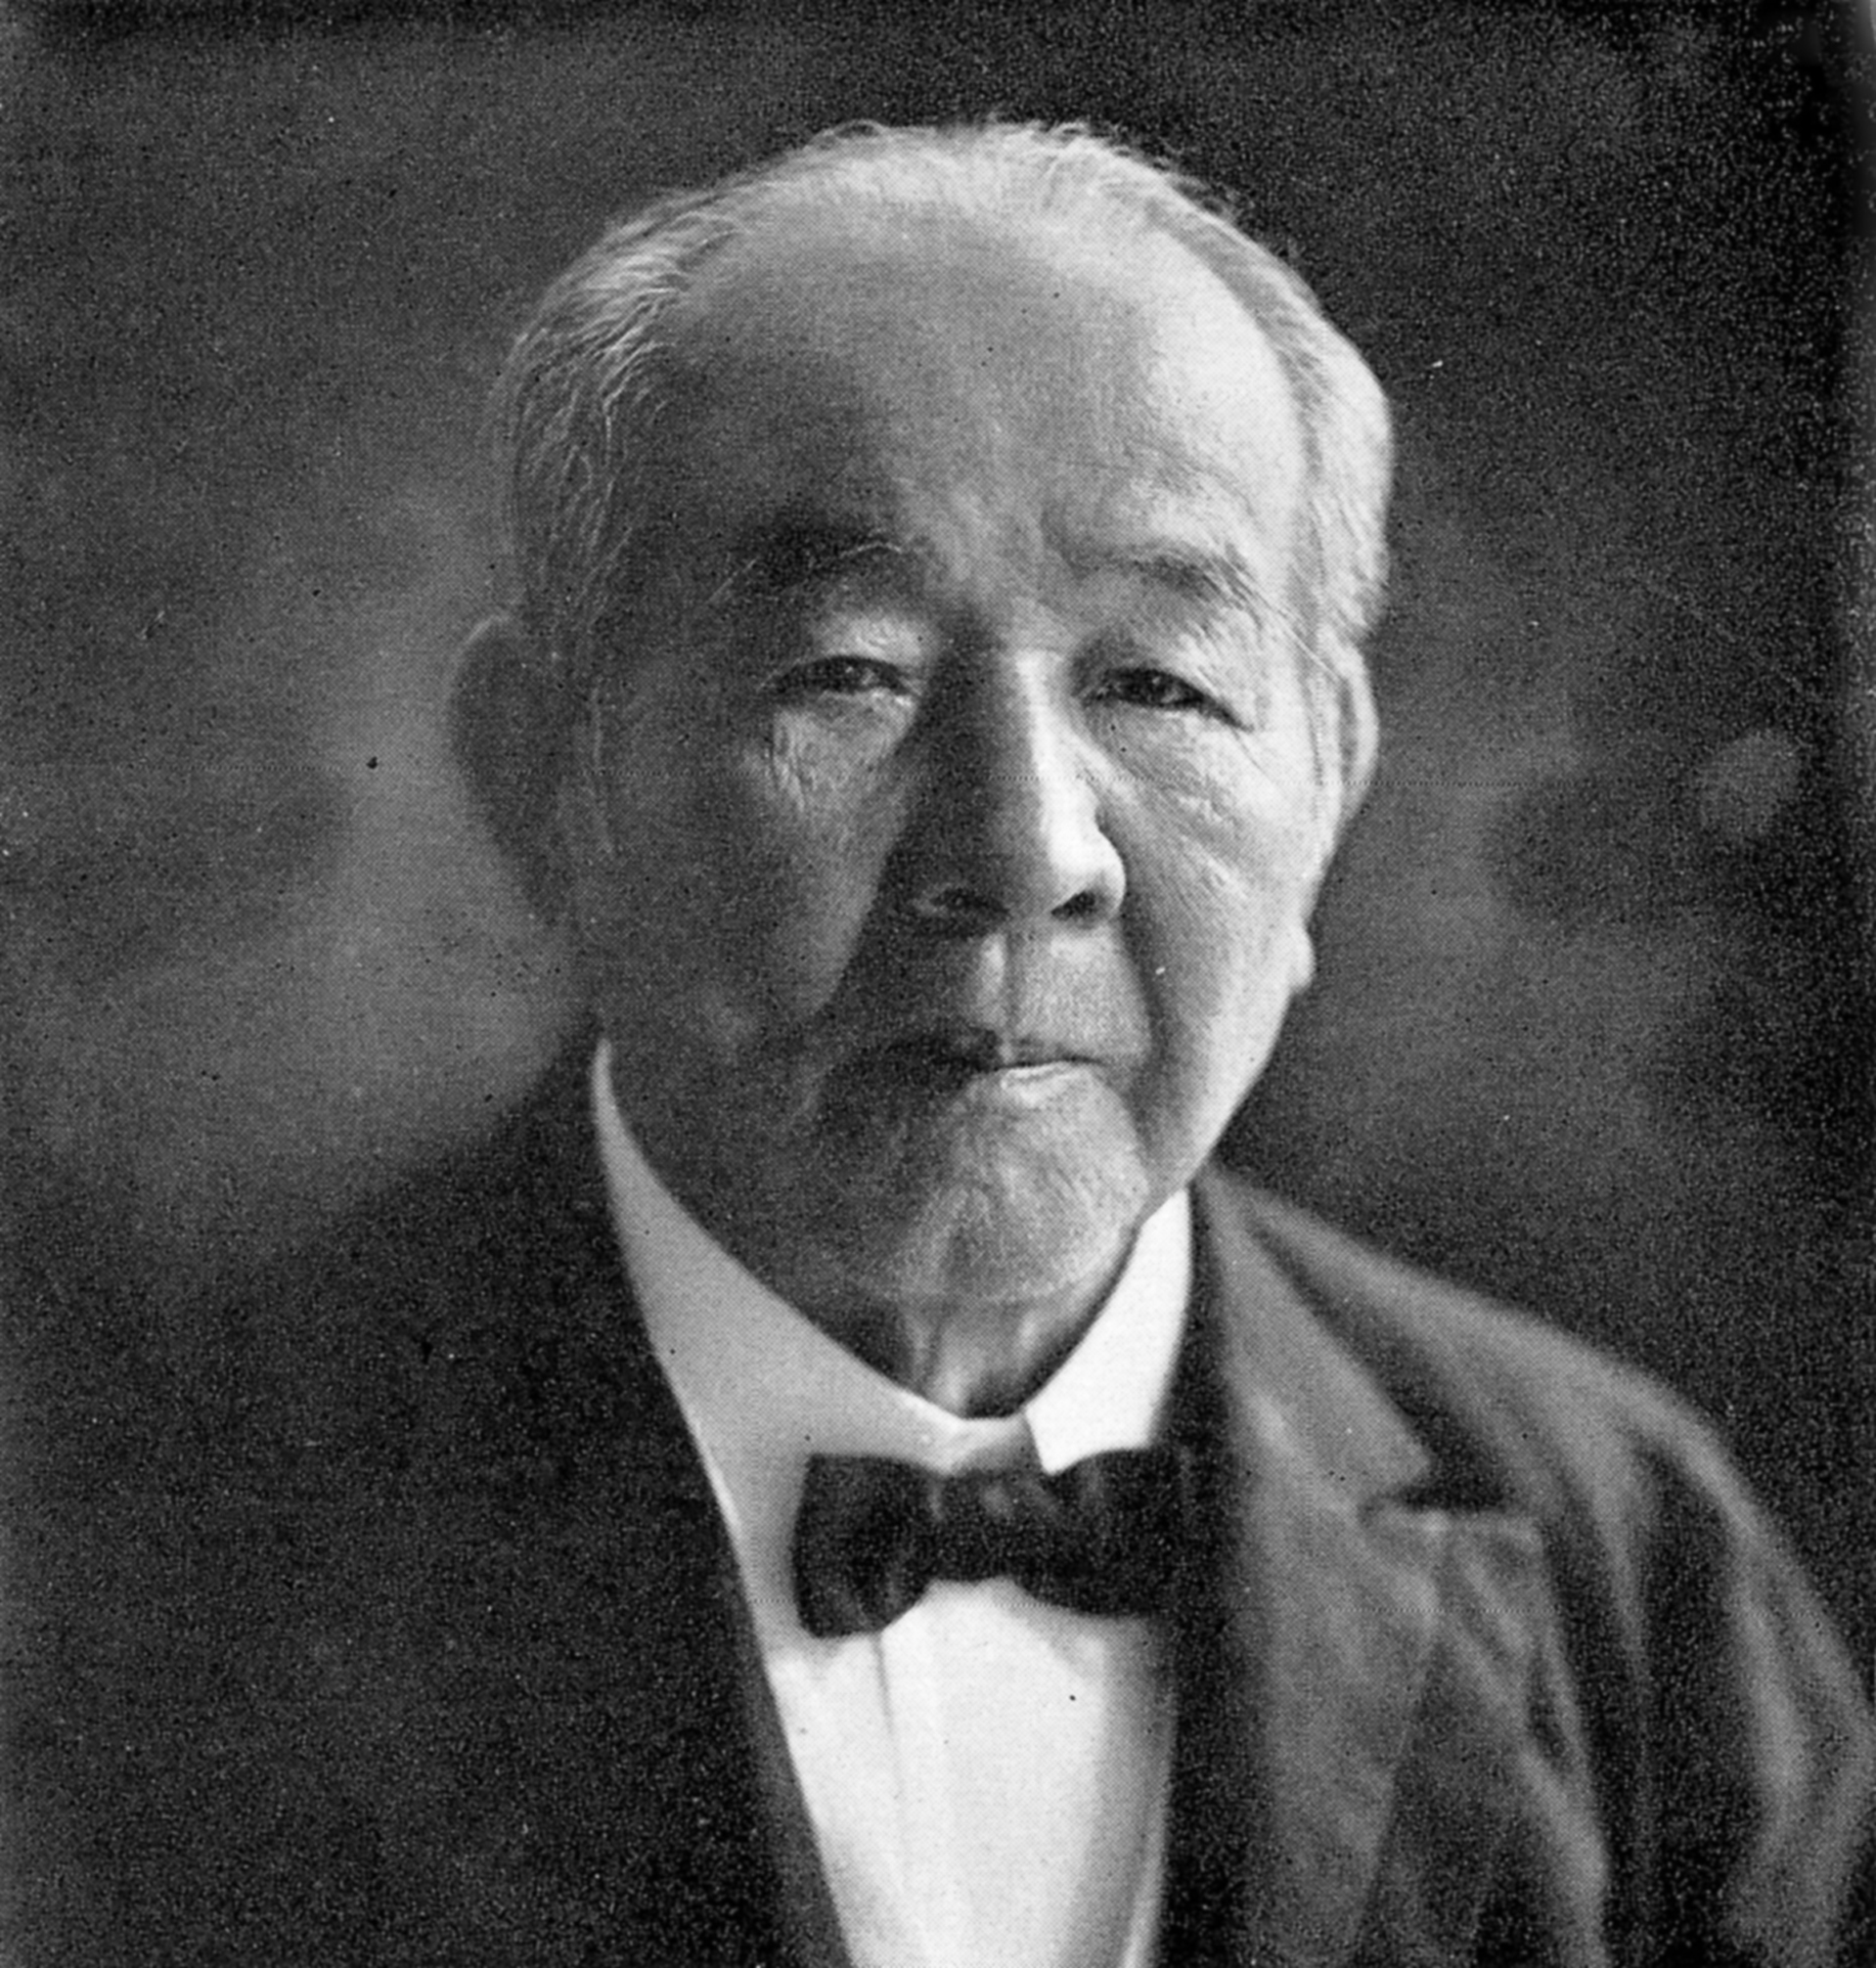 ドラッカーが最も認めた日本人経営者ーー 渋沢栄一のスゴさ